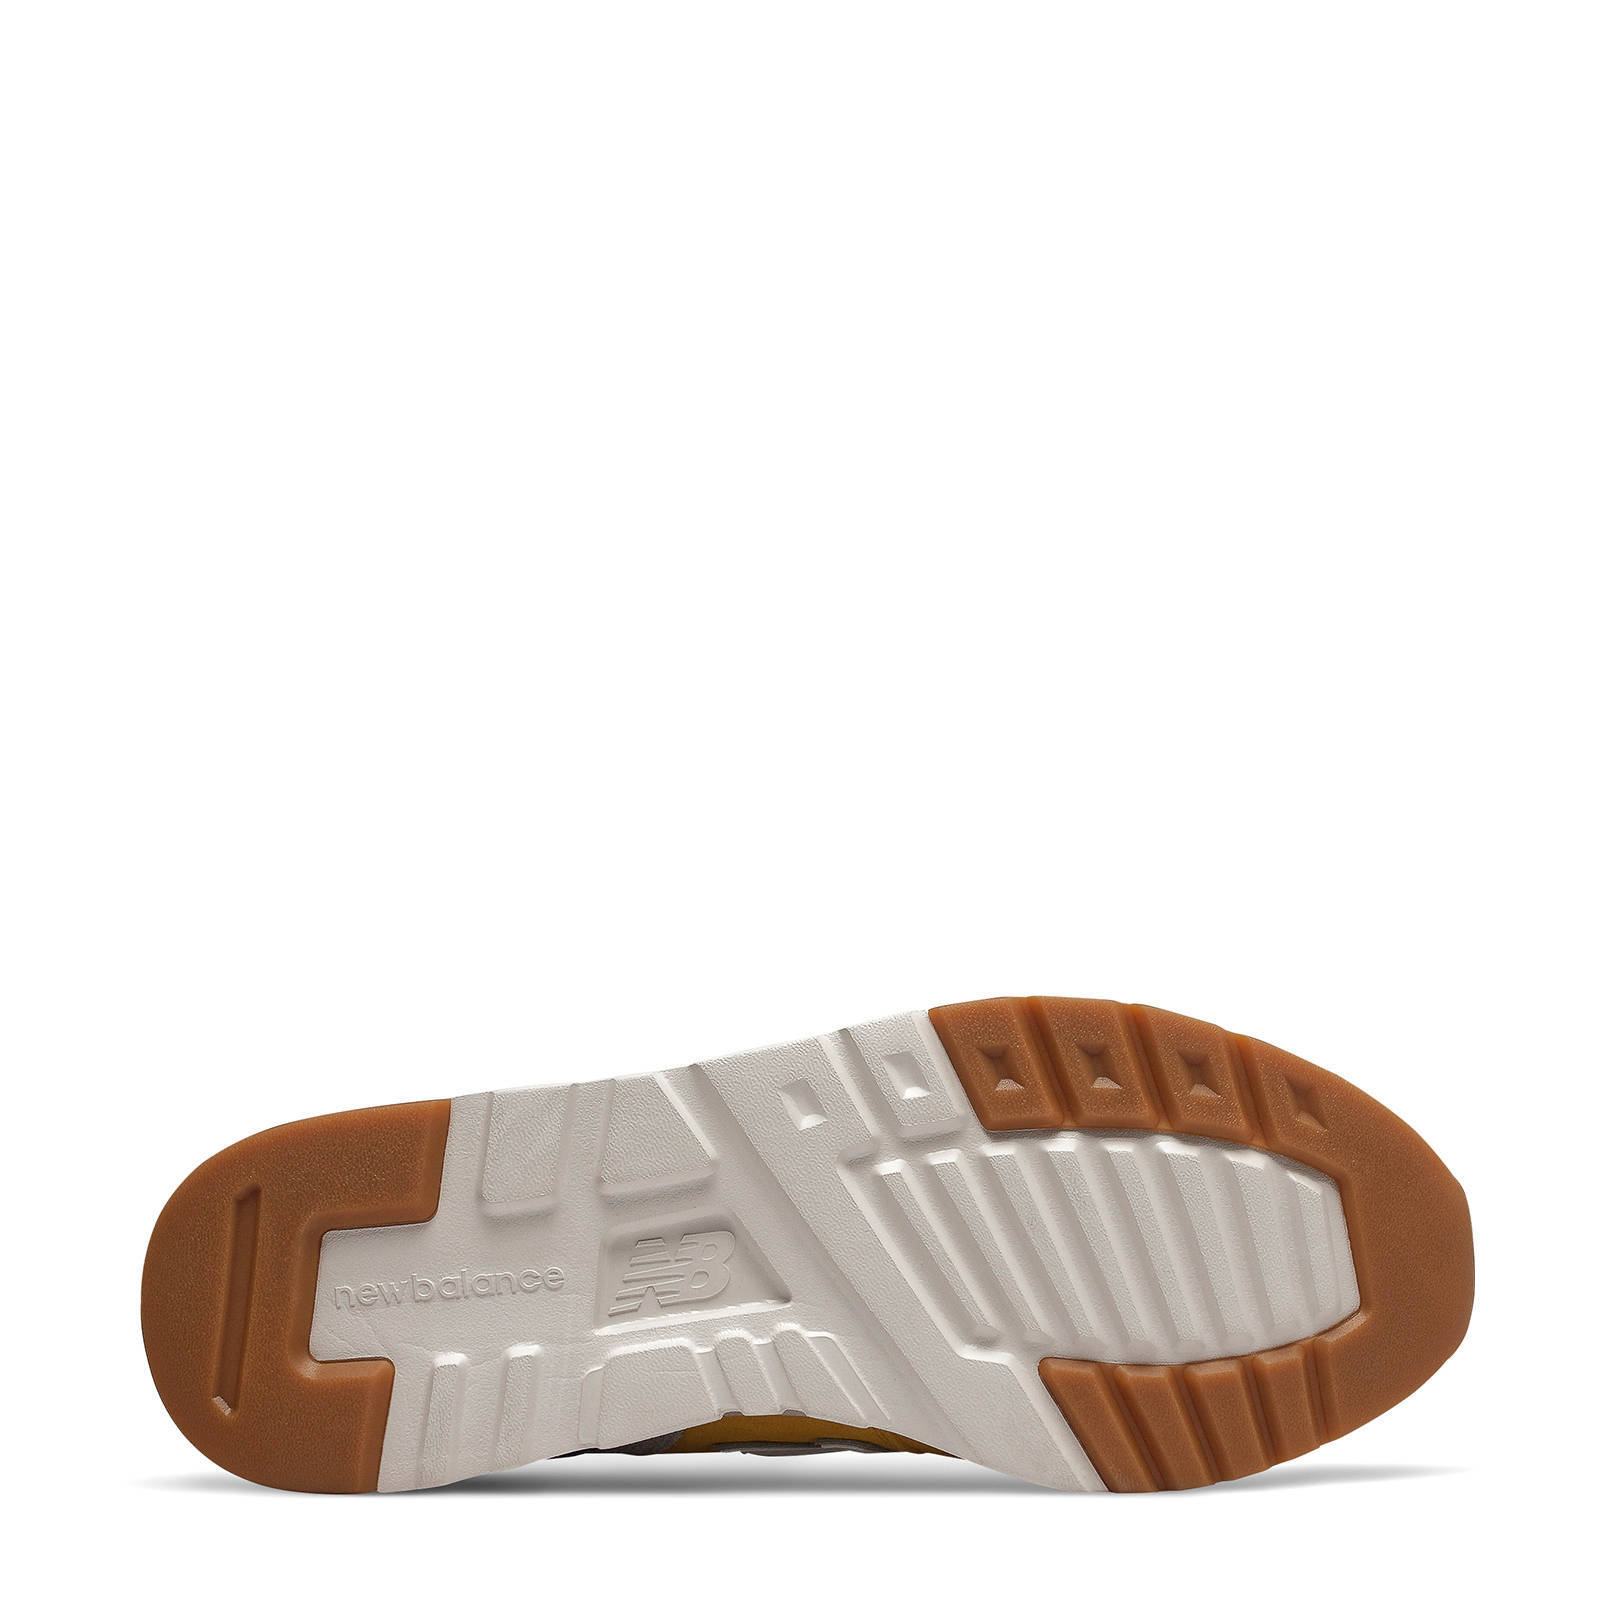 New Balance 997 sneakers geel/bruin | wehkamp